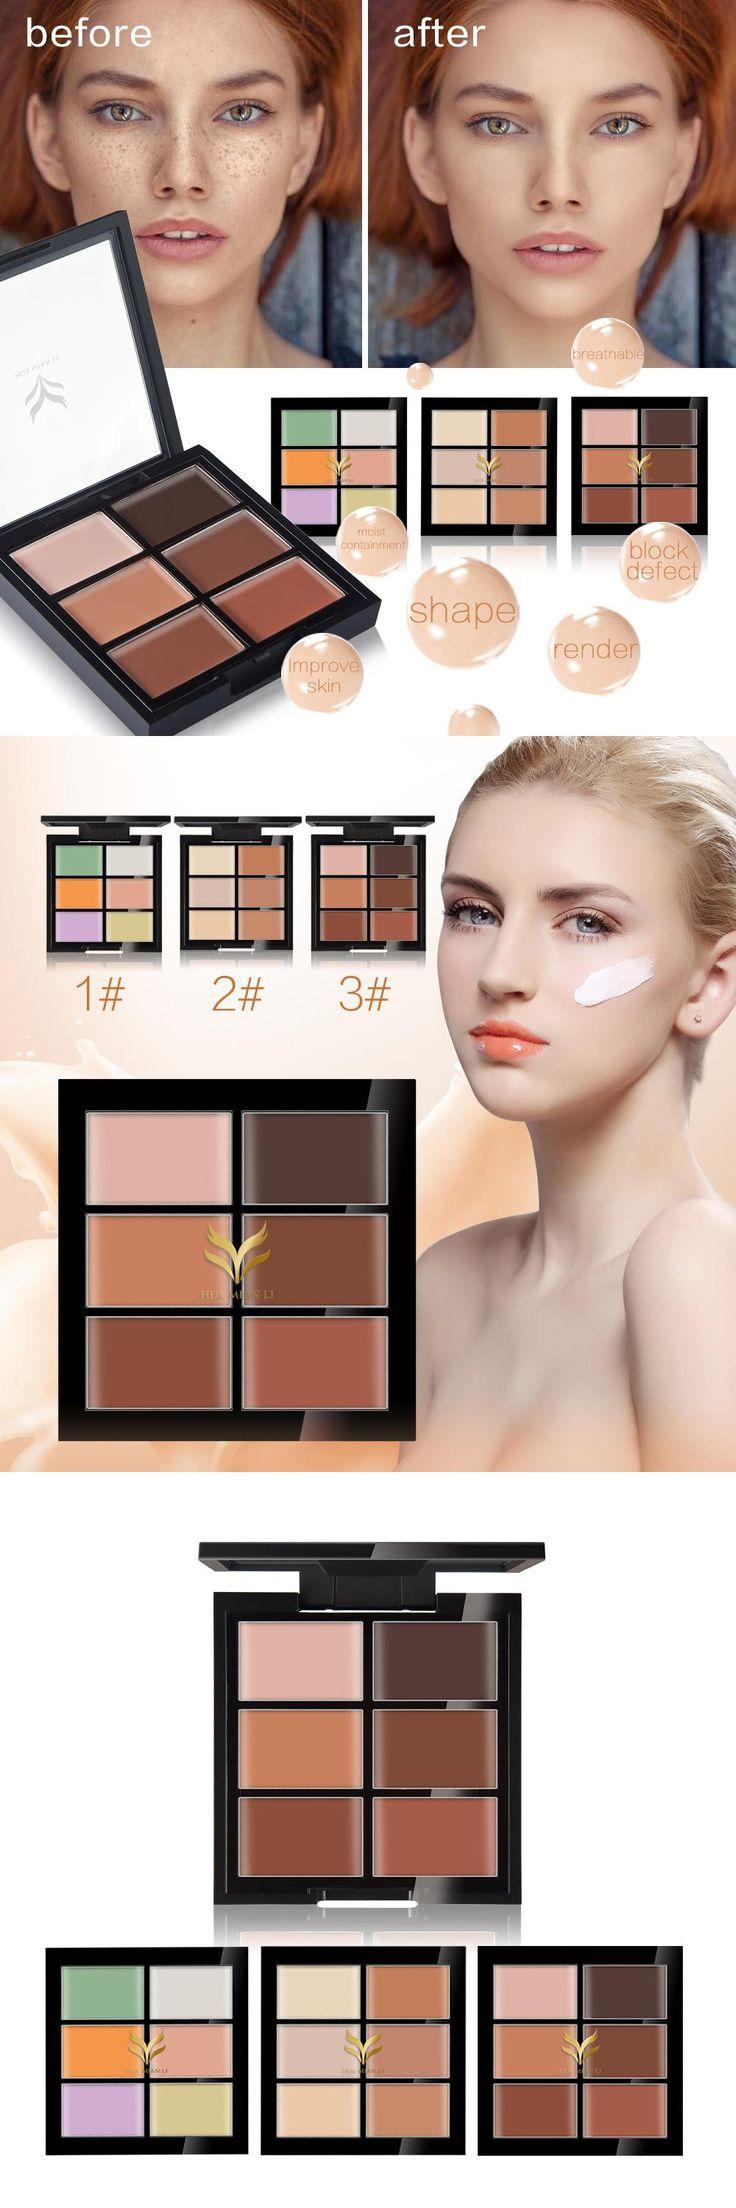 [Visit to Buy] Pro Base Make up Cover Primer Concealer Palette Professional Face Dermacol Makeup Foundation Contour Pores Tattoo Eraser HM07 #Advertisement